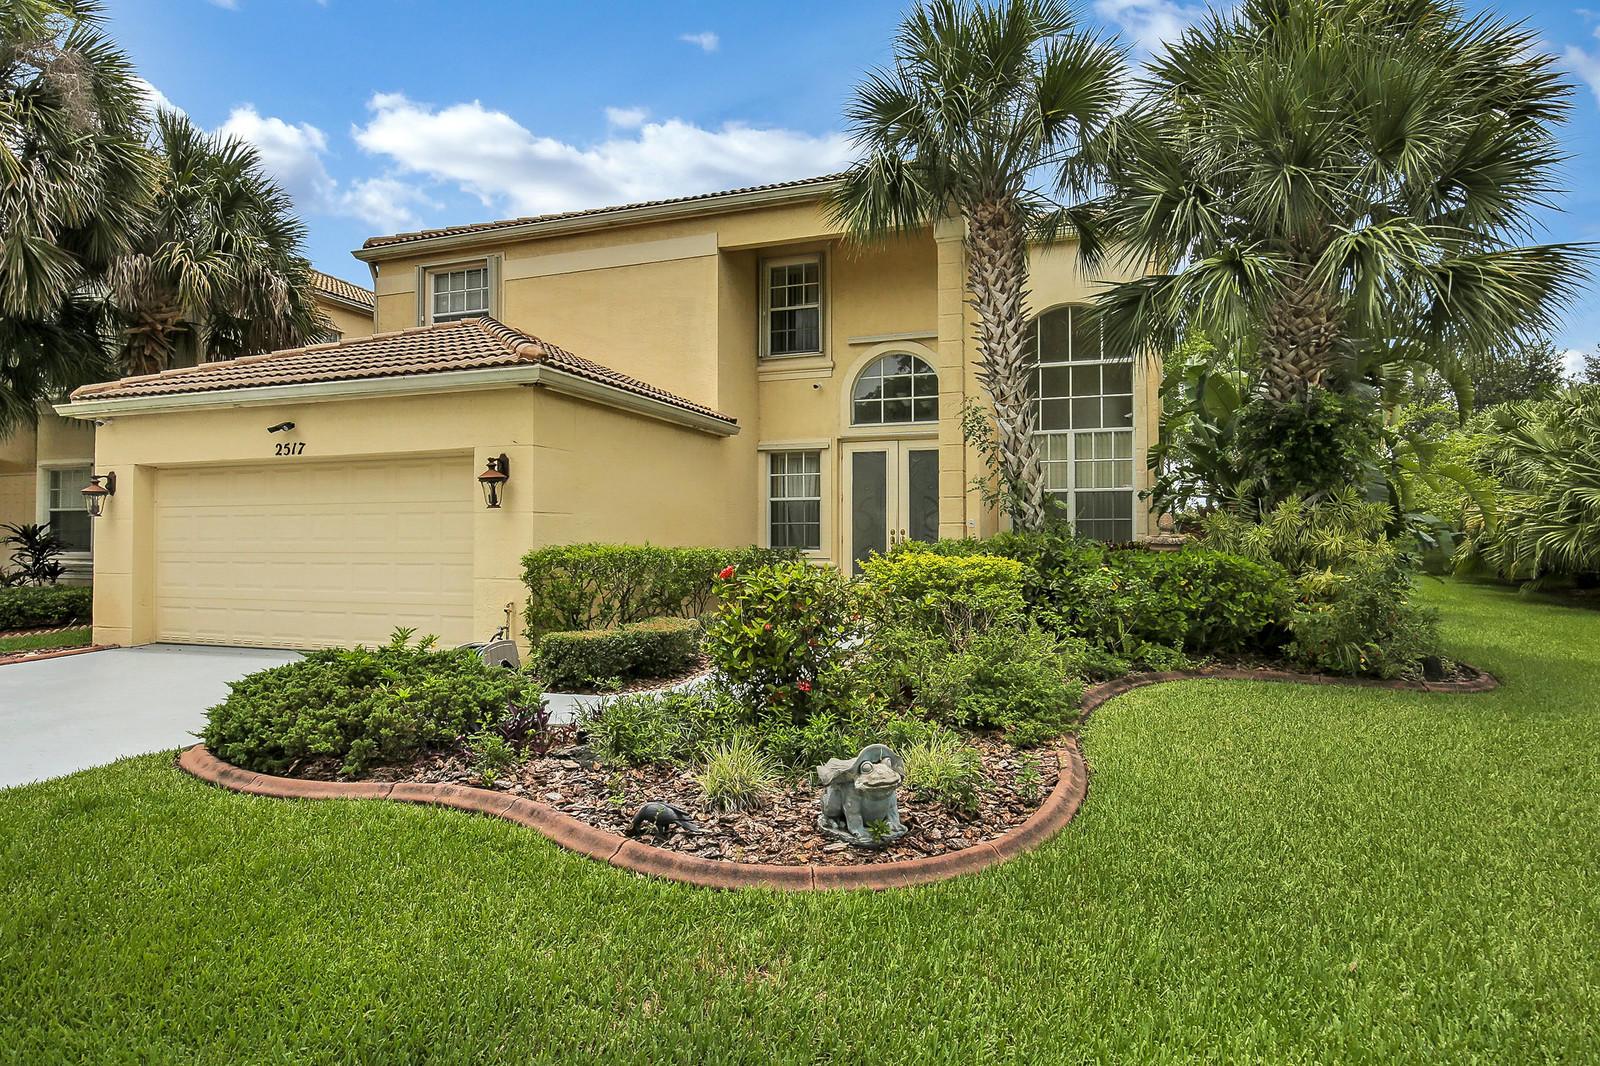 2517 Glendale Drive Royal Palm Beach, FL 33411